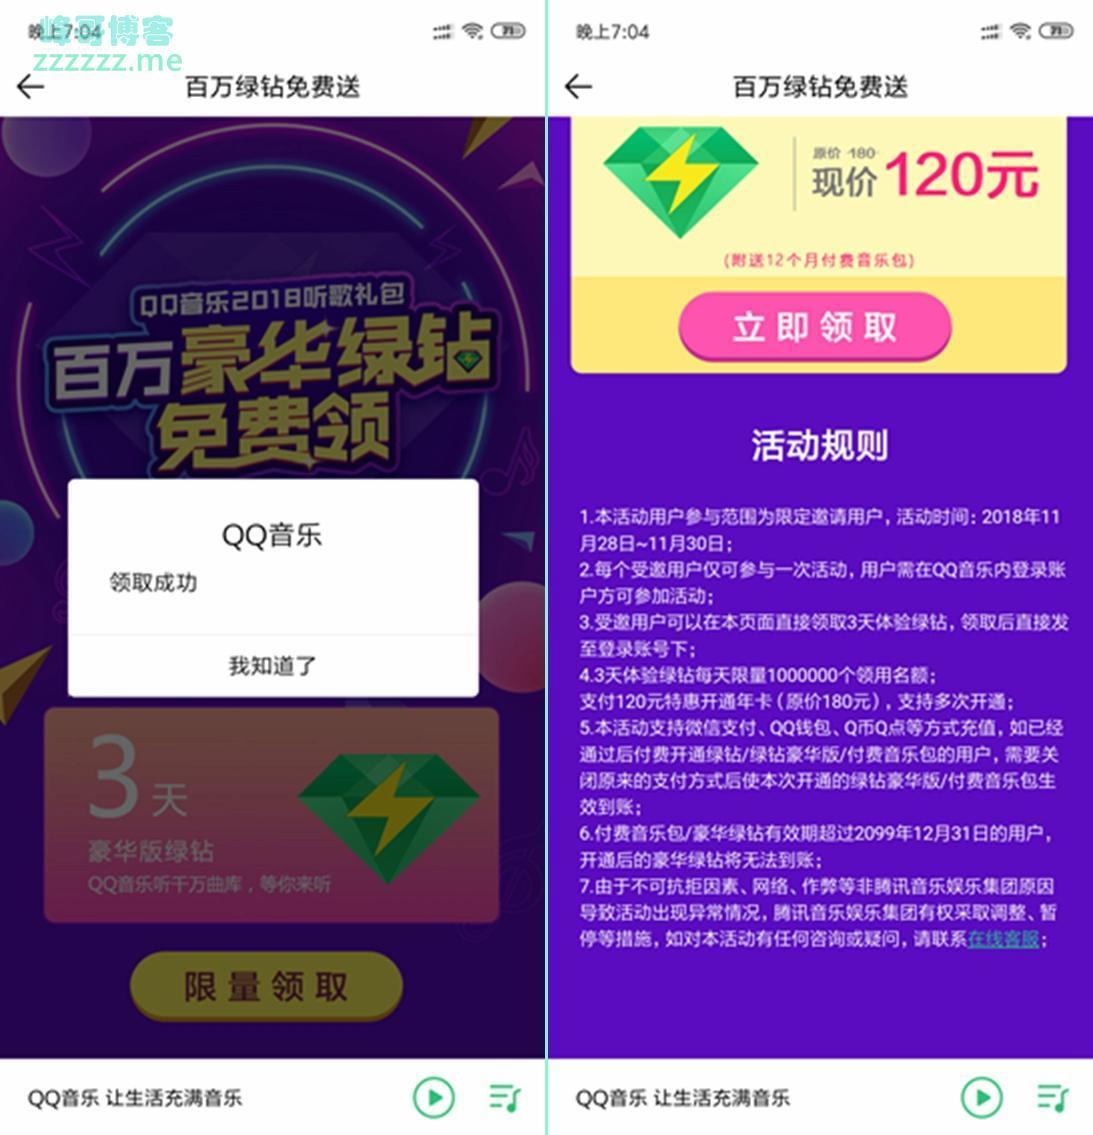 QQ音乐百万绿钻免费送活动 免费领3天绿钻!